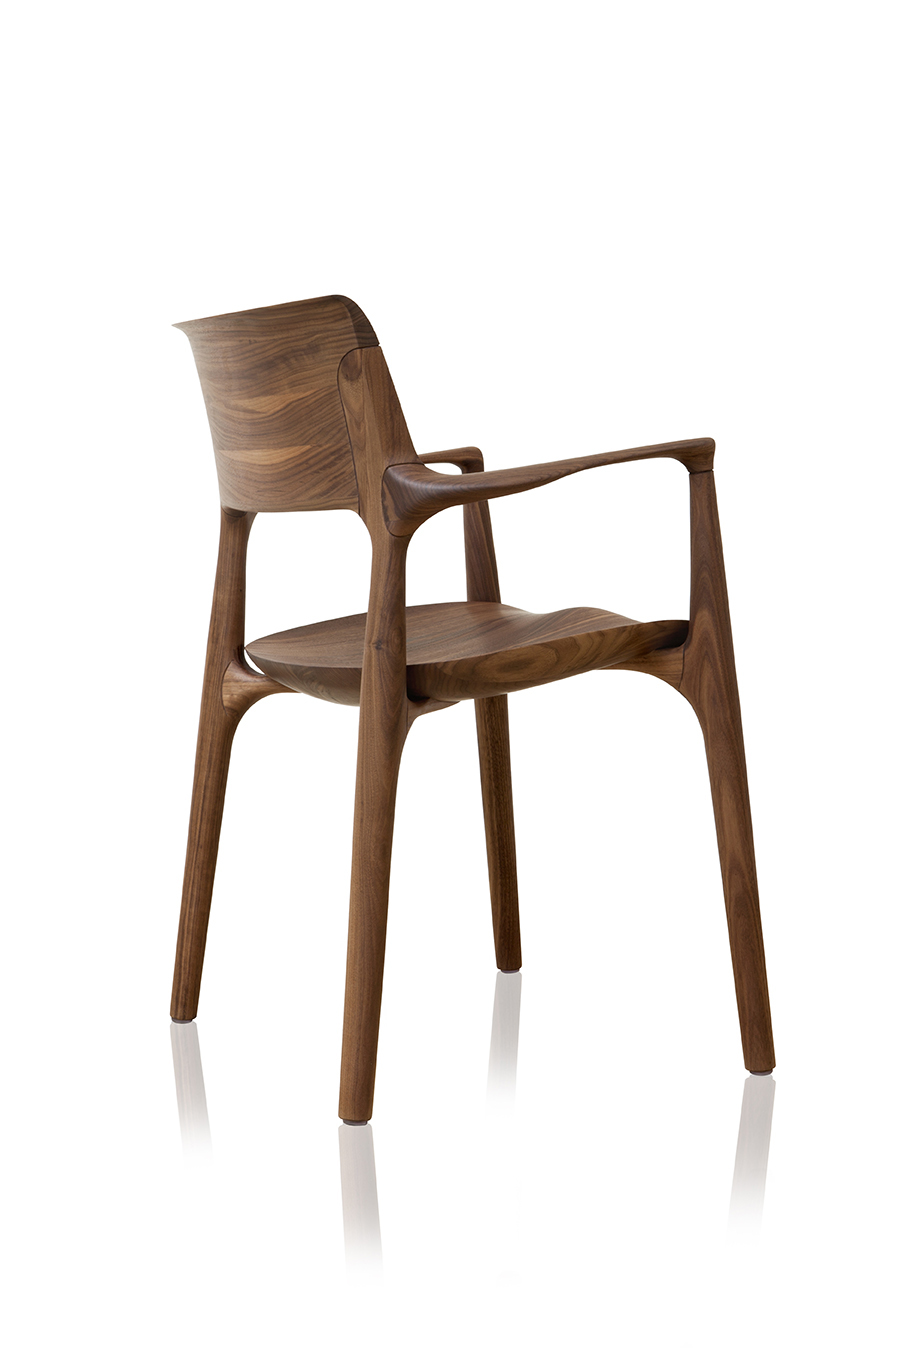 Prodotti Sollos, design di Jader Almeida